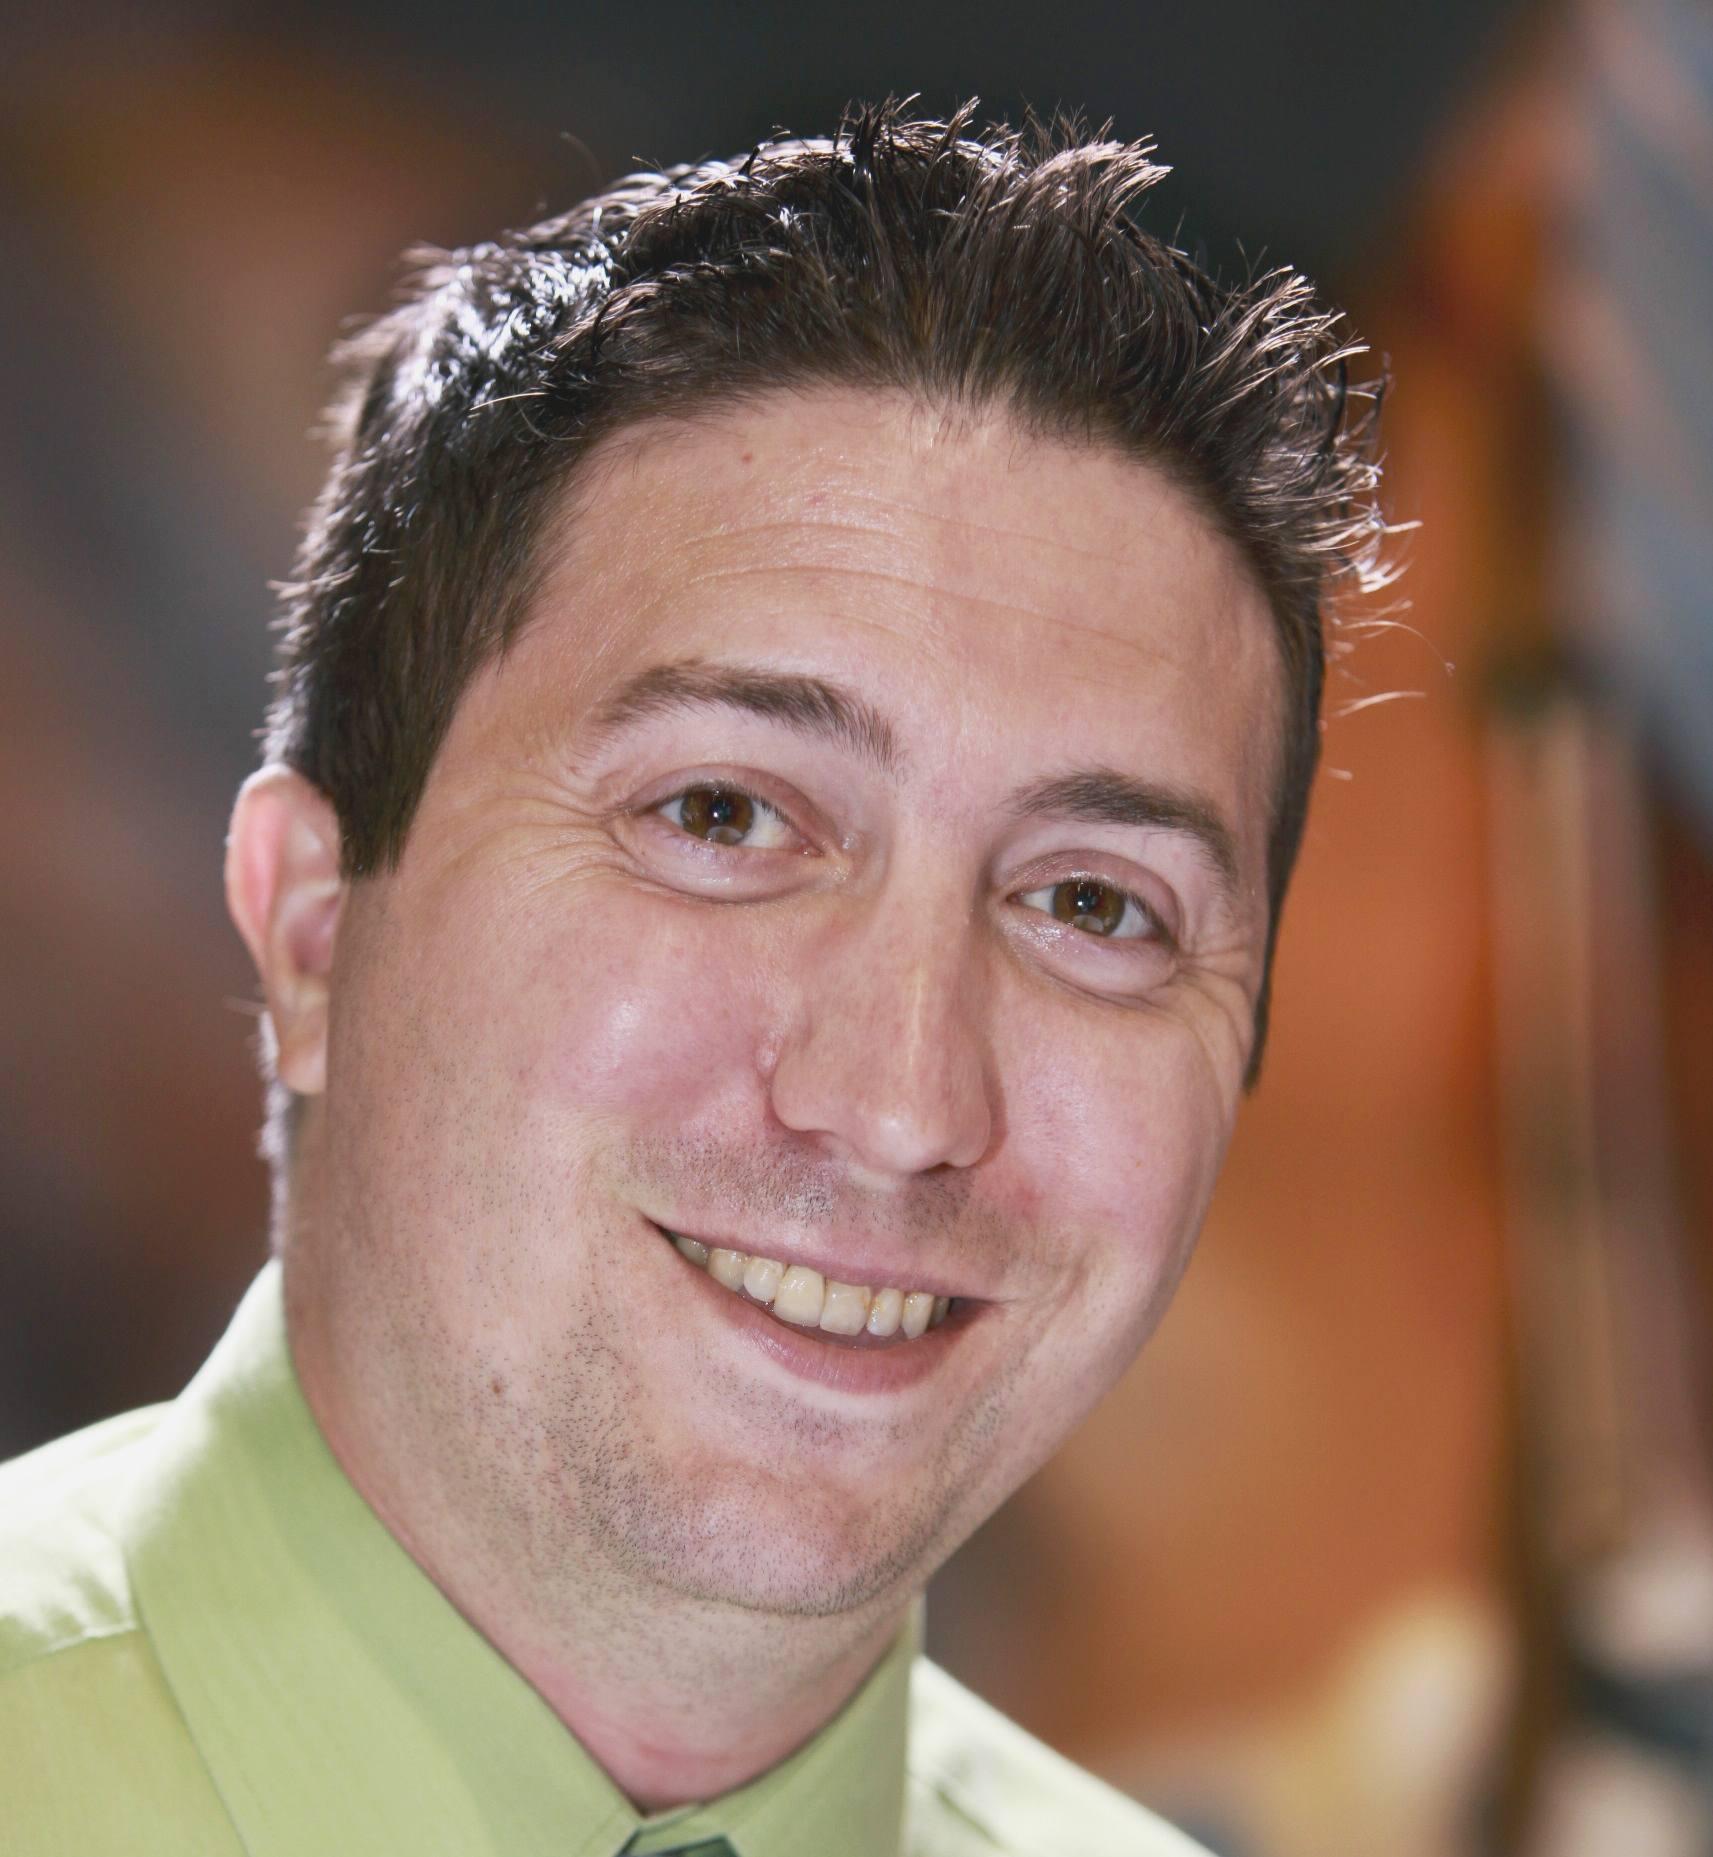 Andrew McGlothlen